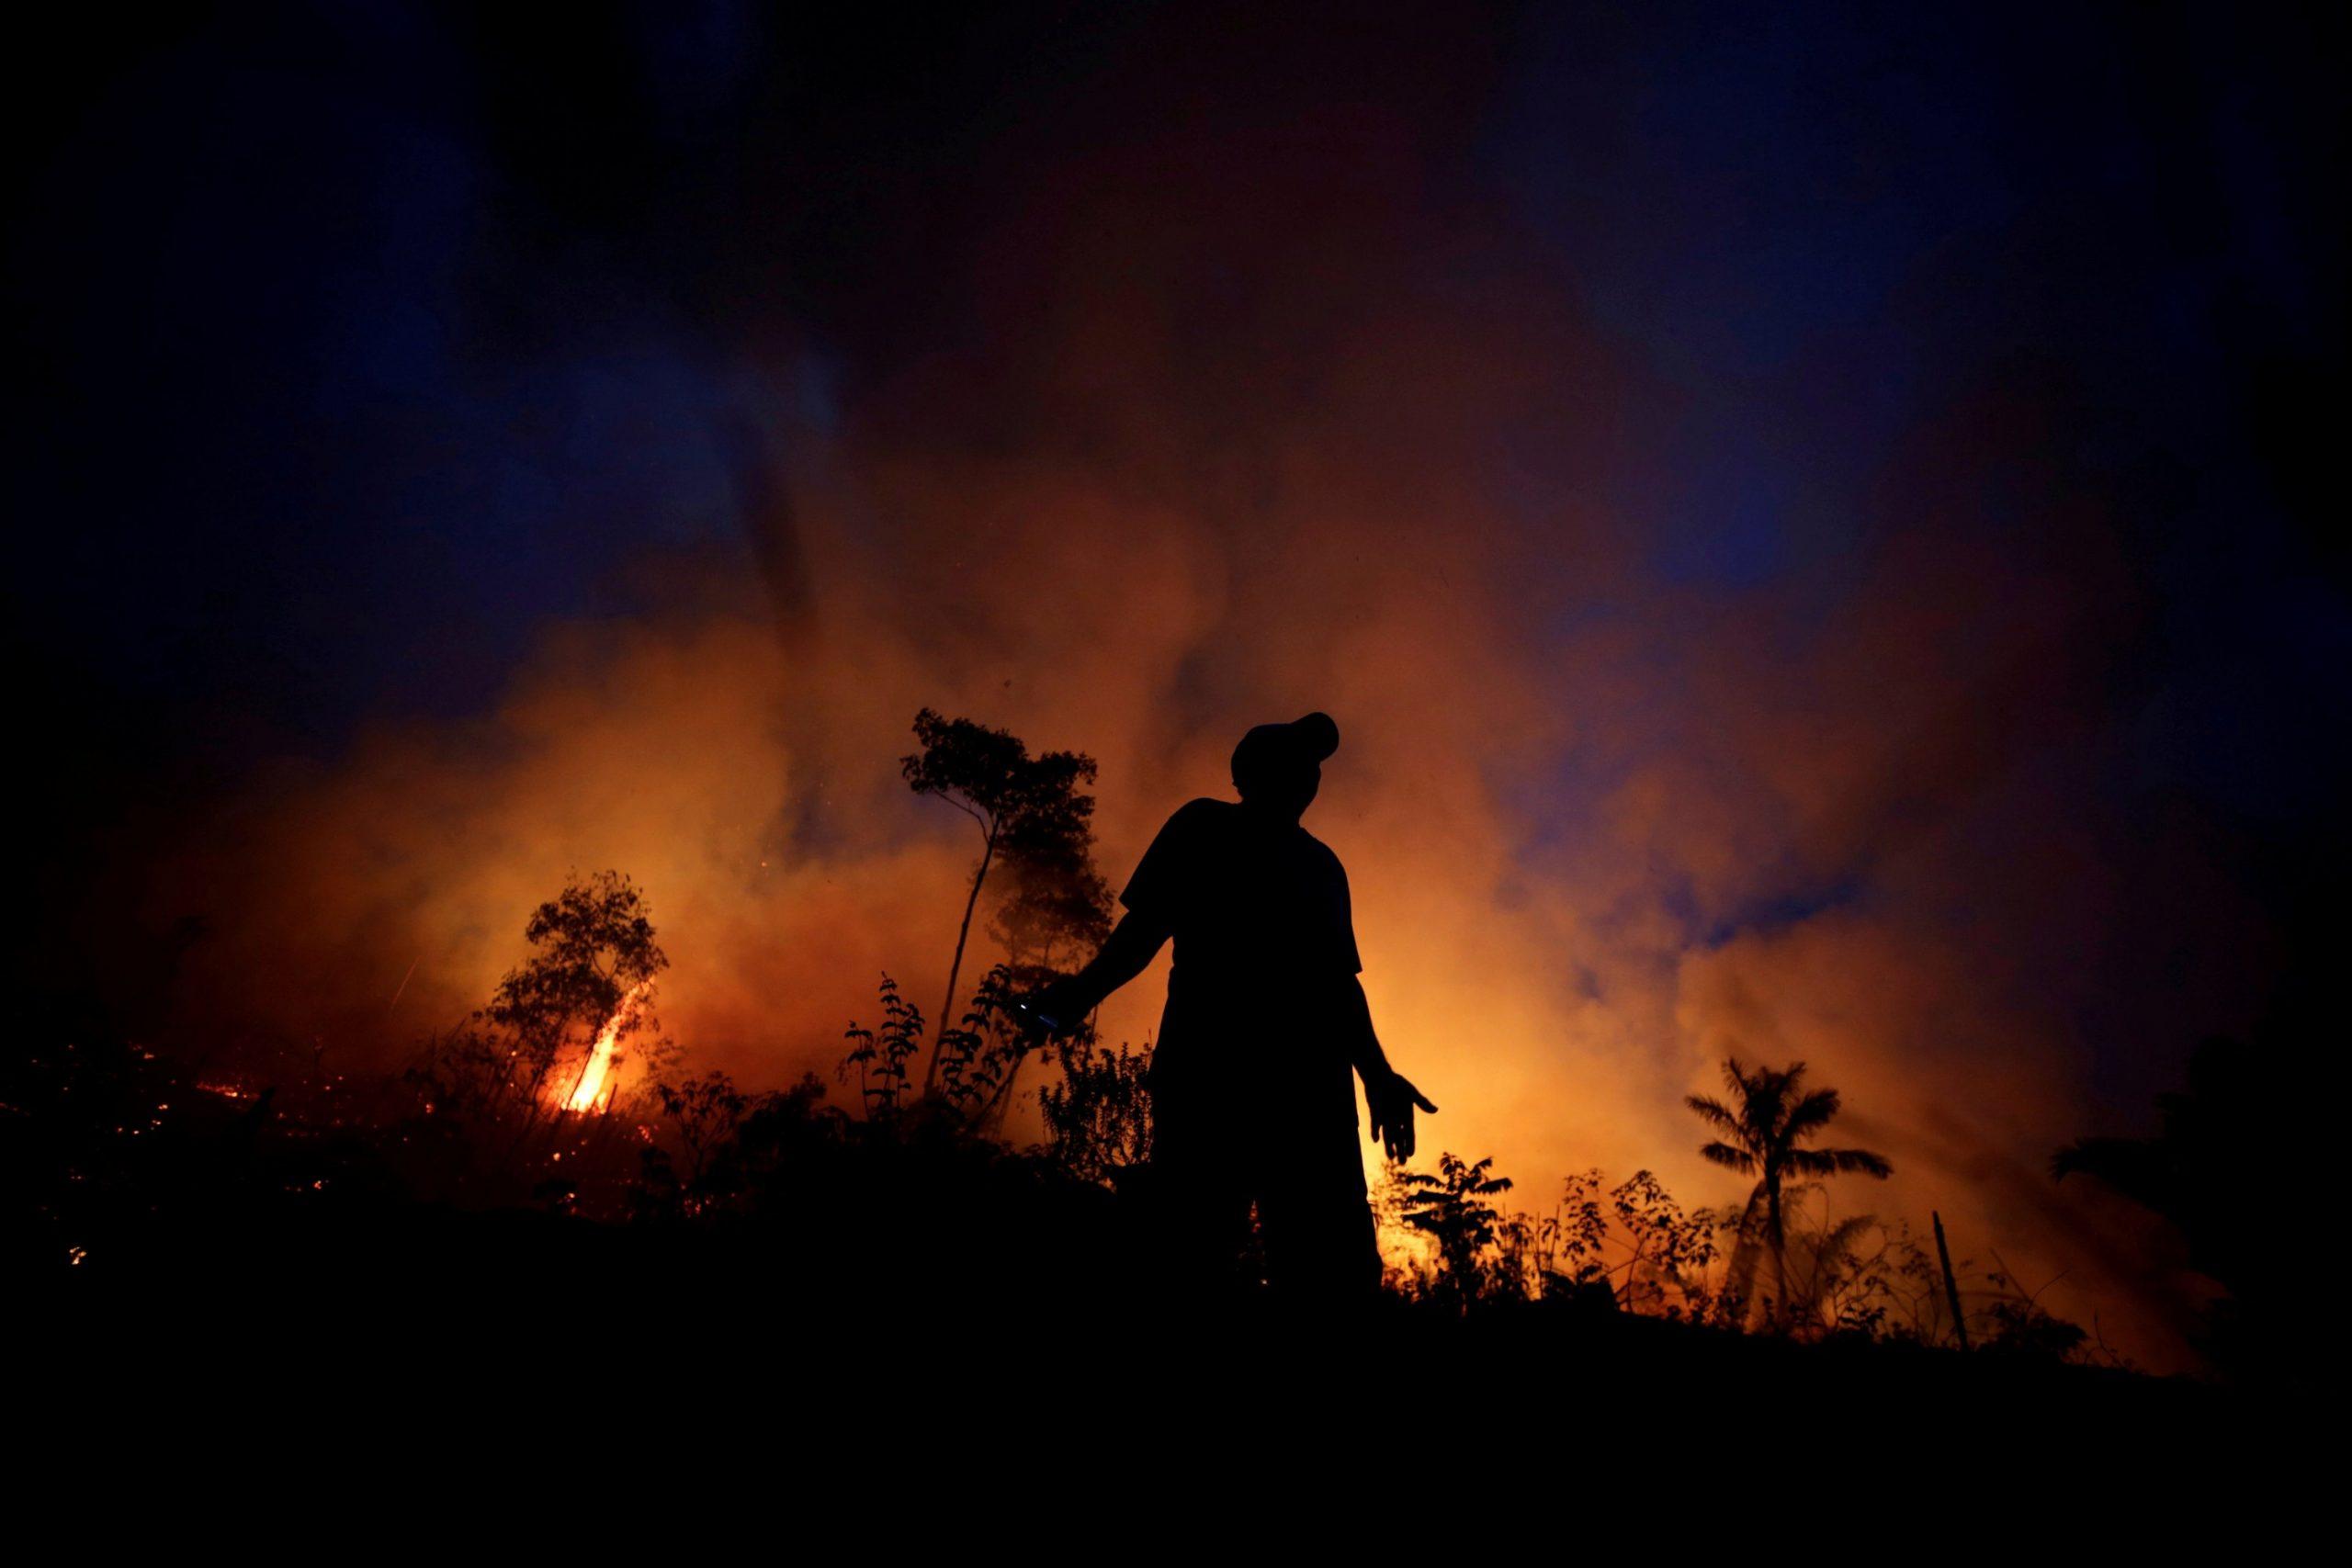 દુનિયામાં સરેરાશ તાપમાનમાં 3 સેલ્સિયસનો વધારો થવાની શકયતા, સંયુક્ત રાષ્ટ્રનો એક અહેવાલ